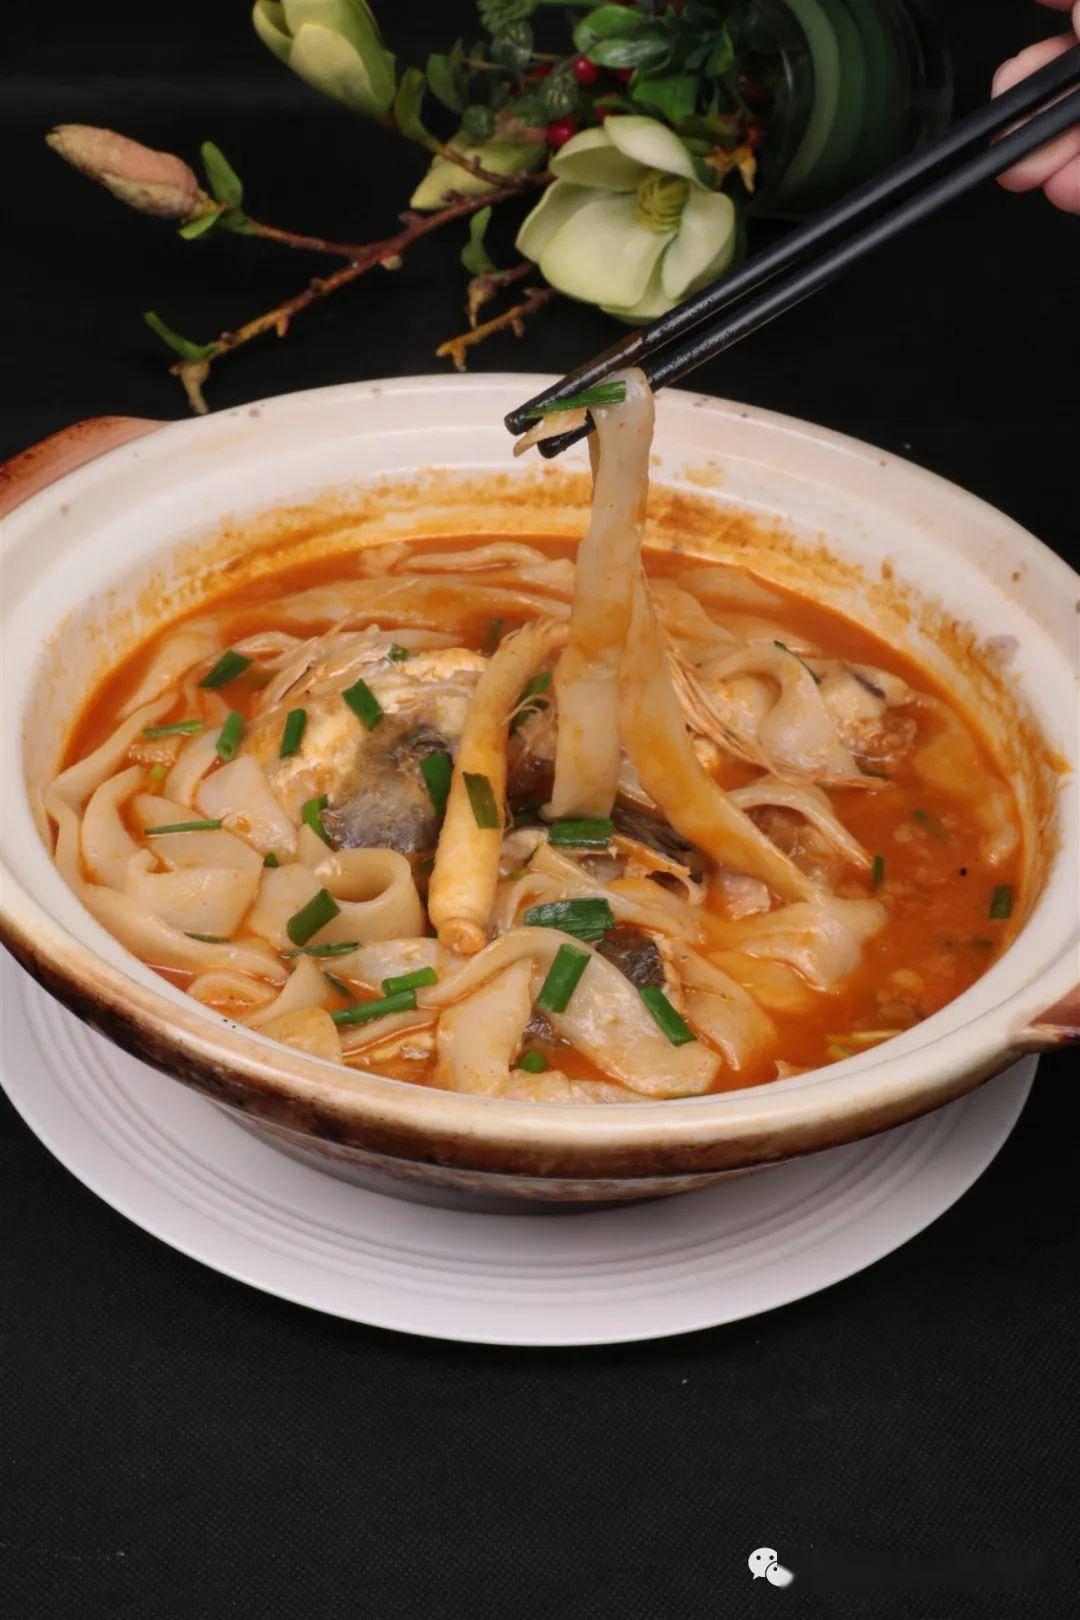 靠一个巨大的鱼头名扬天下——天目湖砂锅鱼头汤